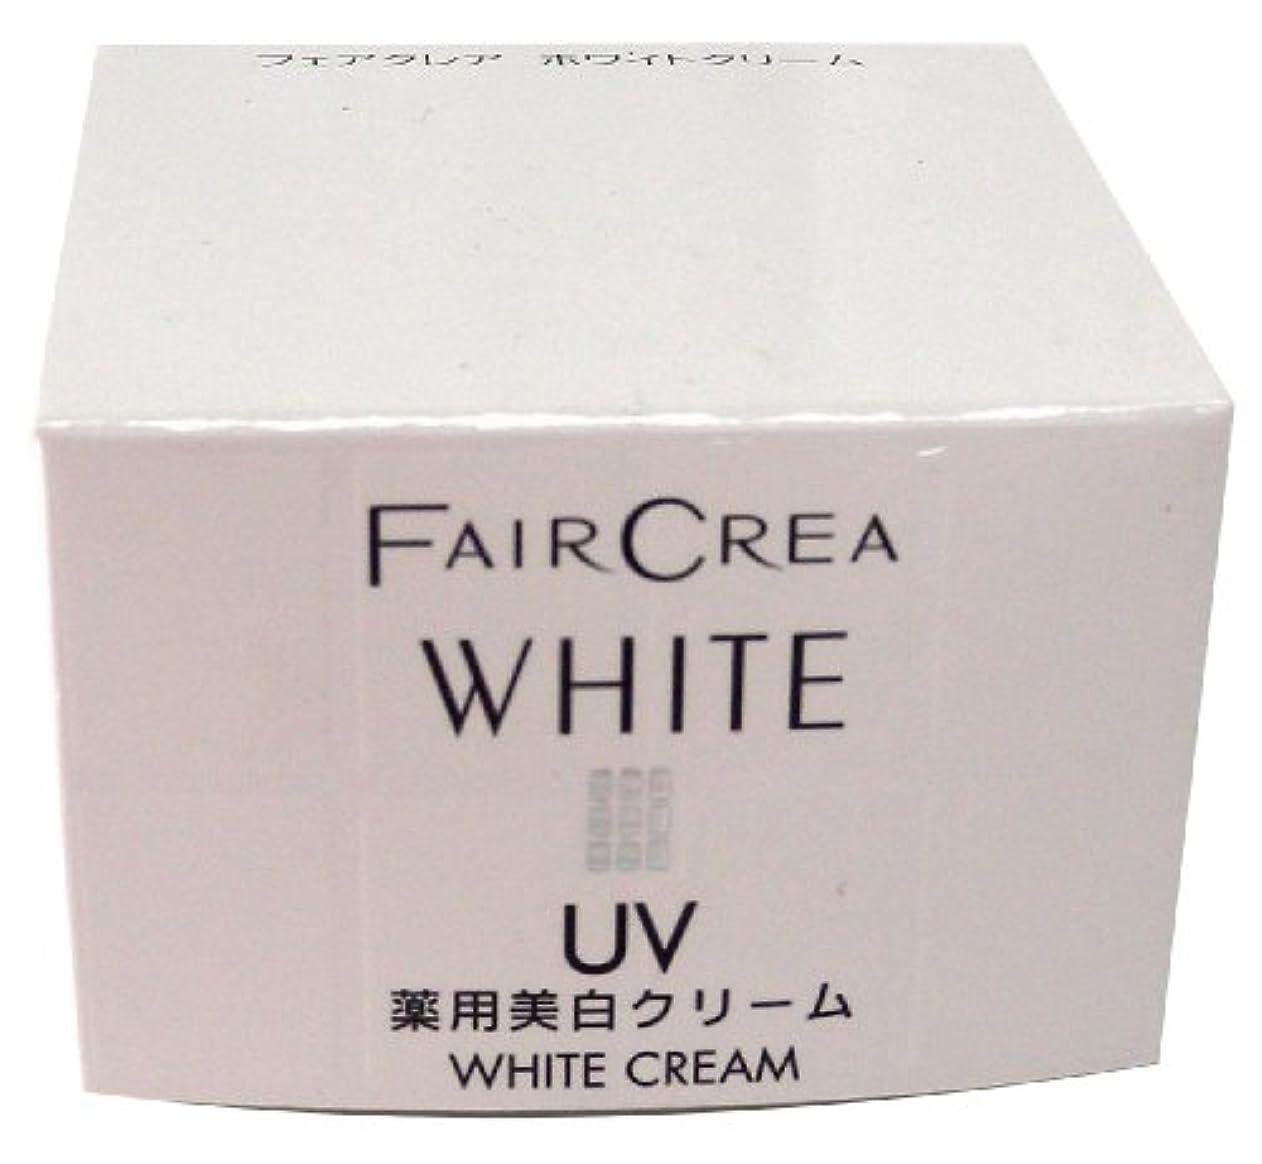 フェアクレア ホワイトクリーム 30g <27130>